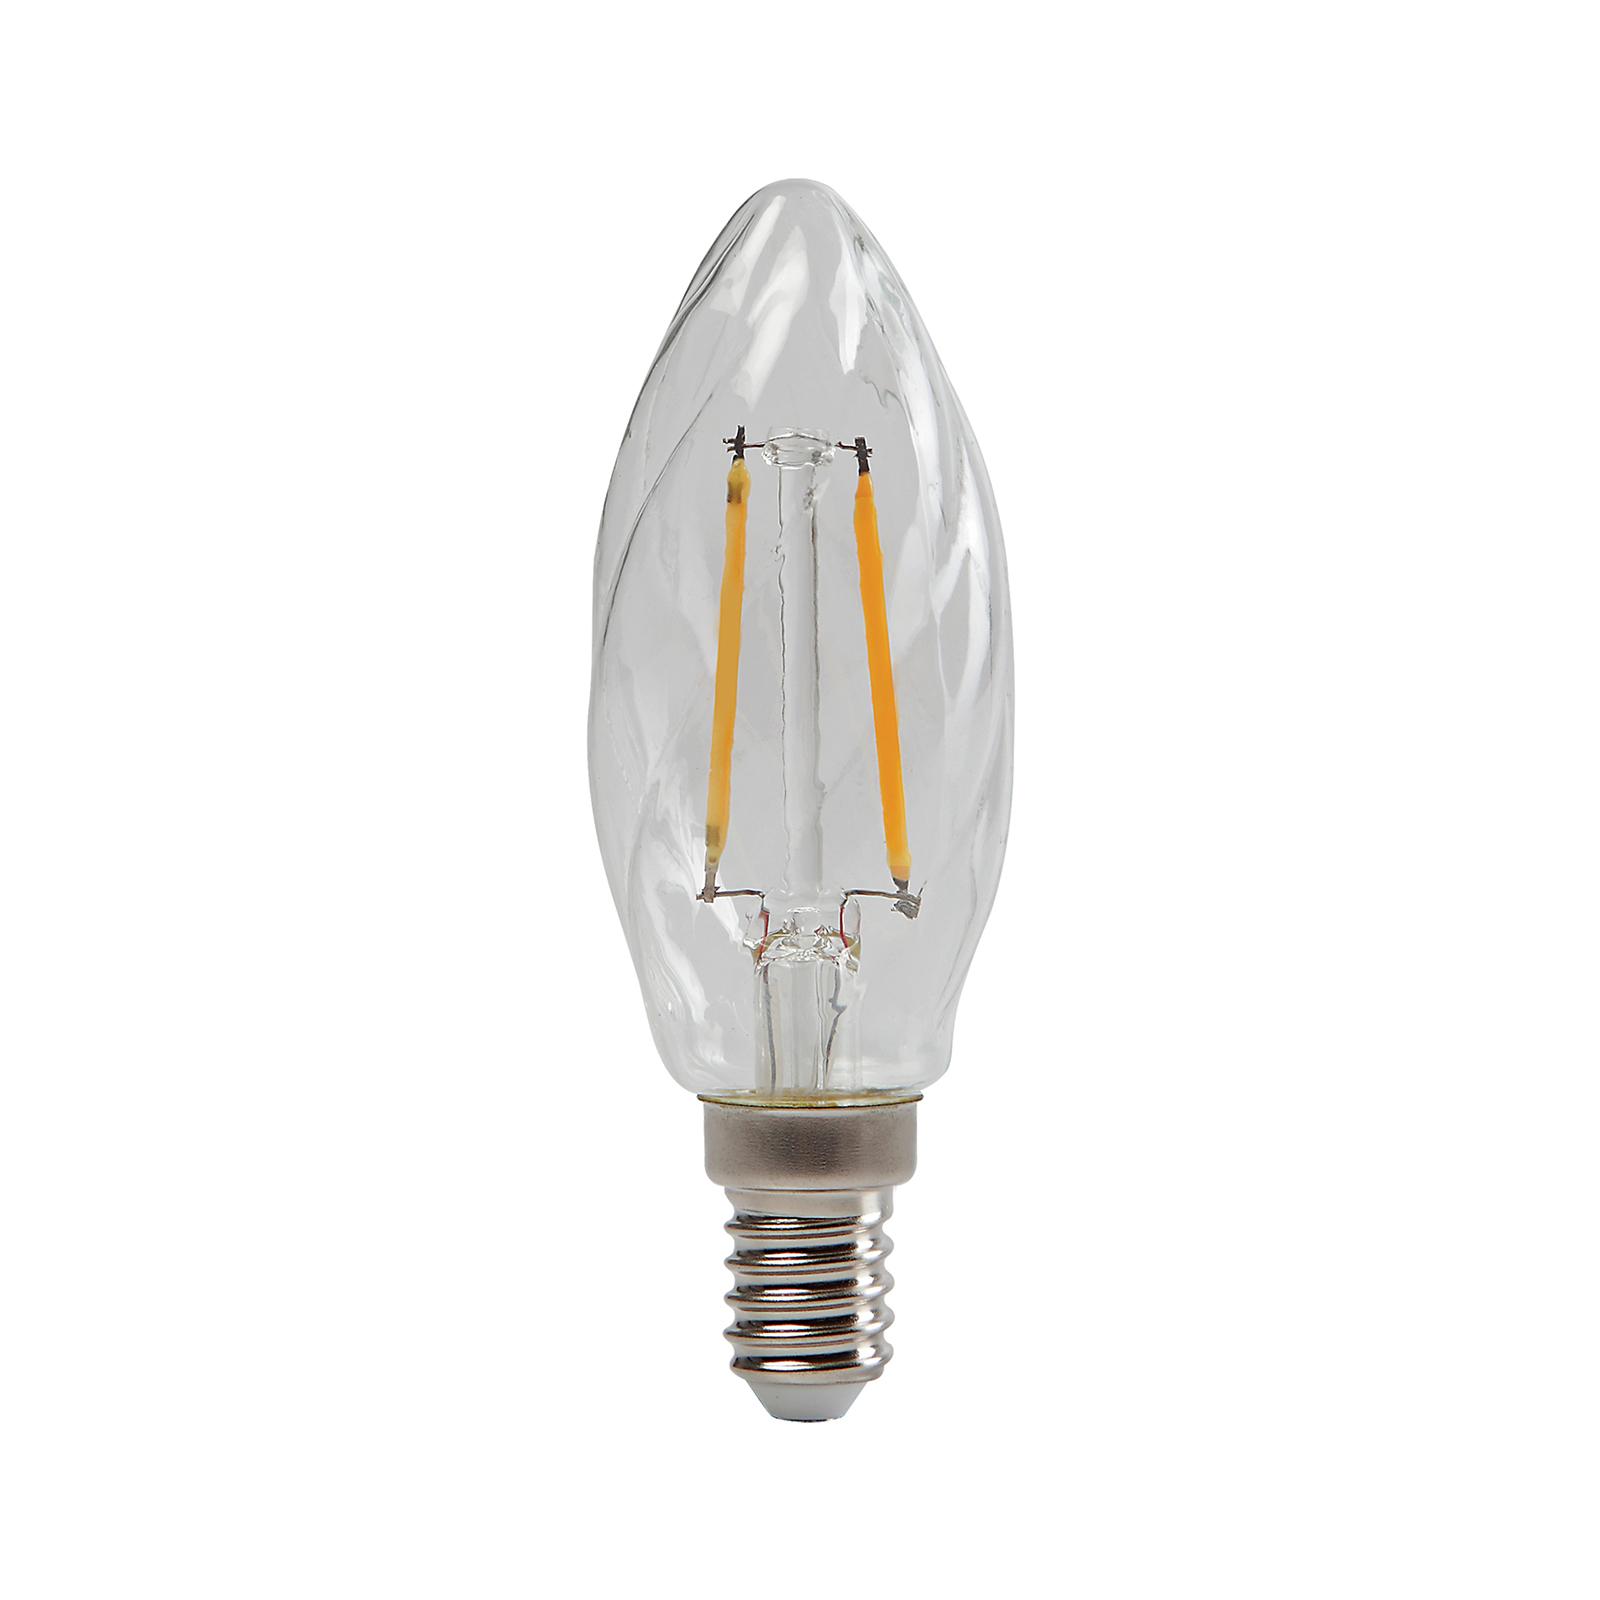 Żarówka świeca LED E14 ToLEDo 4,5W 827 skręcana